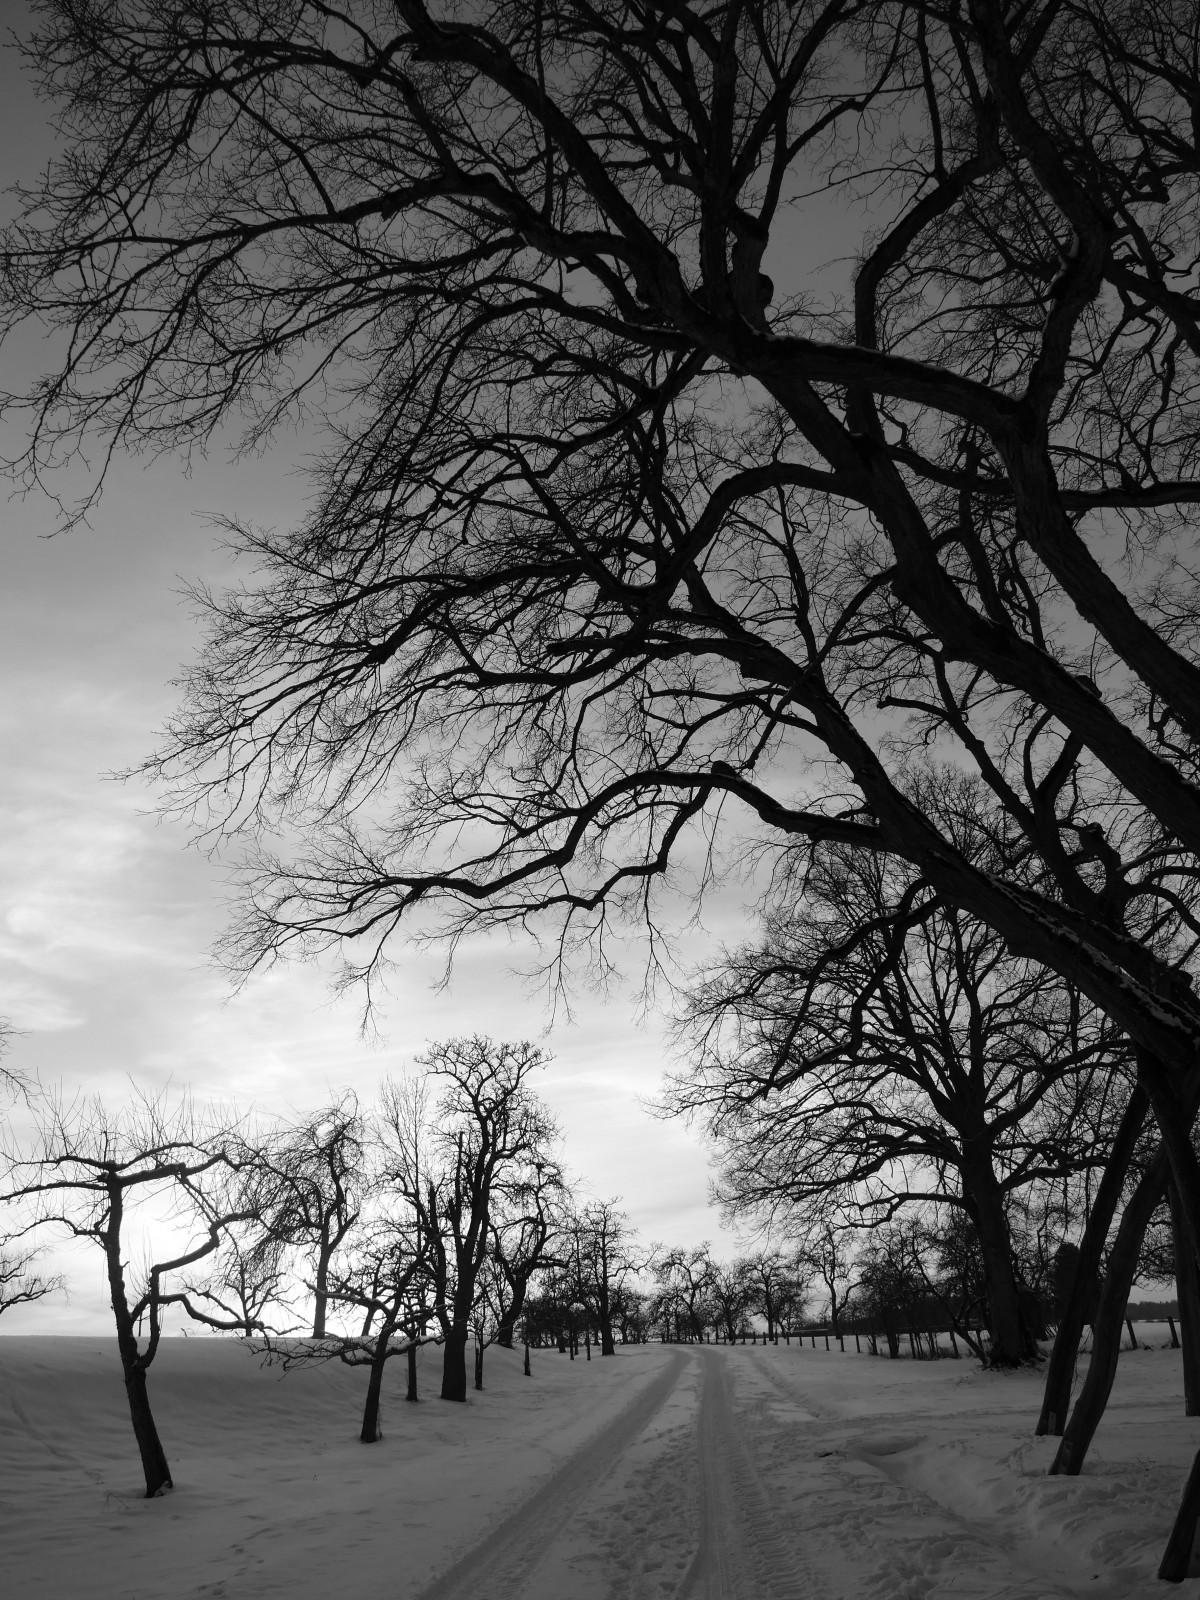 images gratuites paysage arbre la nature branche neige hiver noir et blanc plante. Black Bedroom Furniture Sets. Home Design Ideas